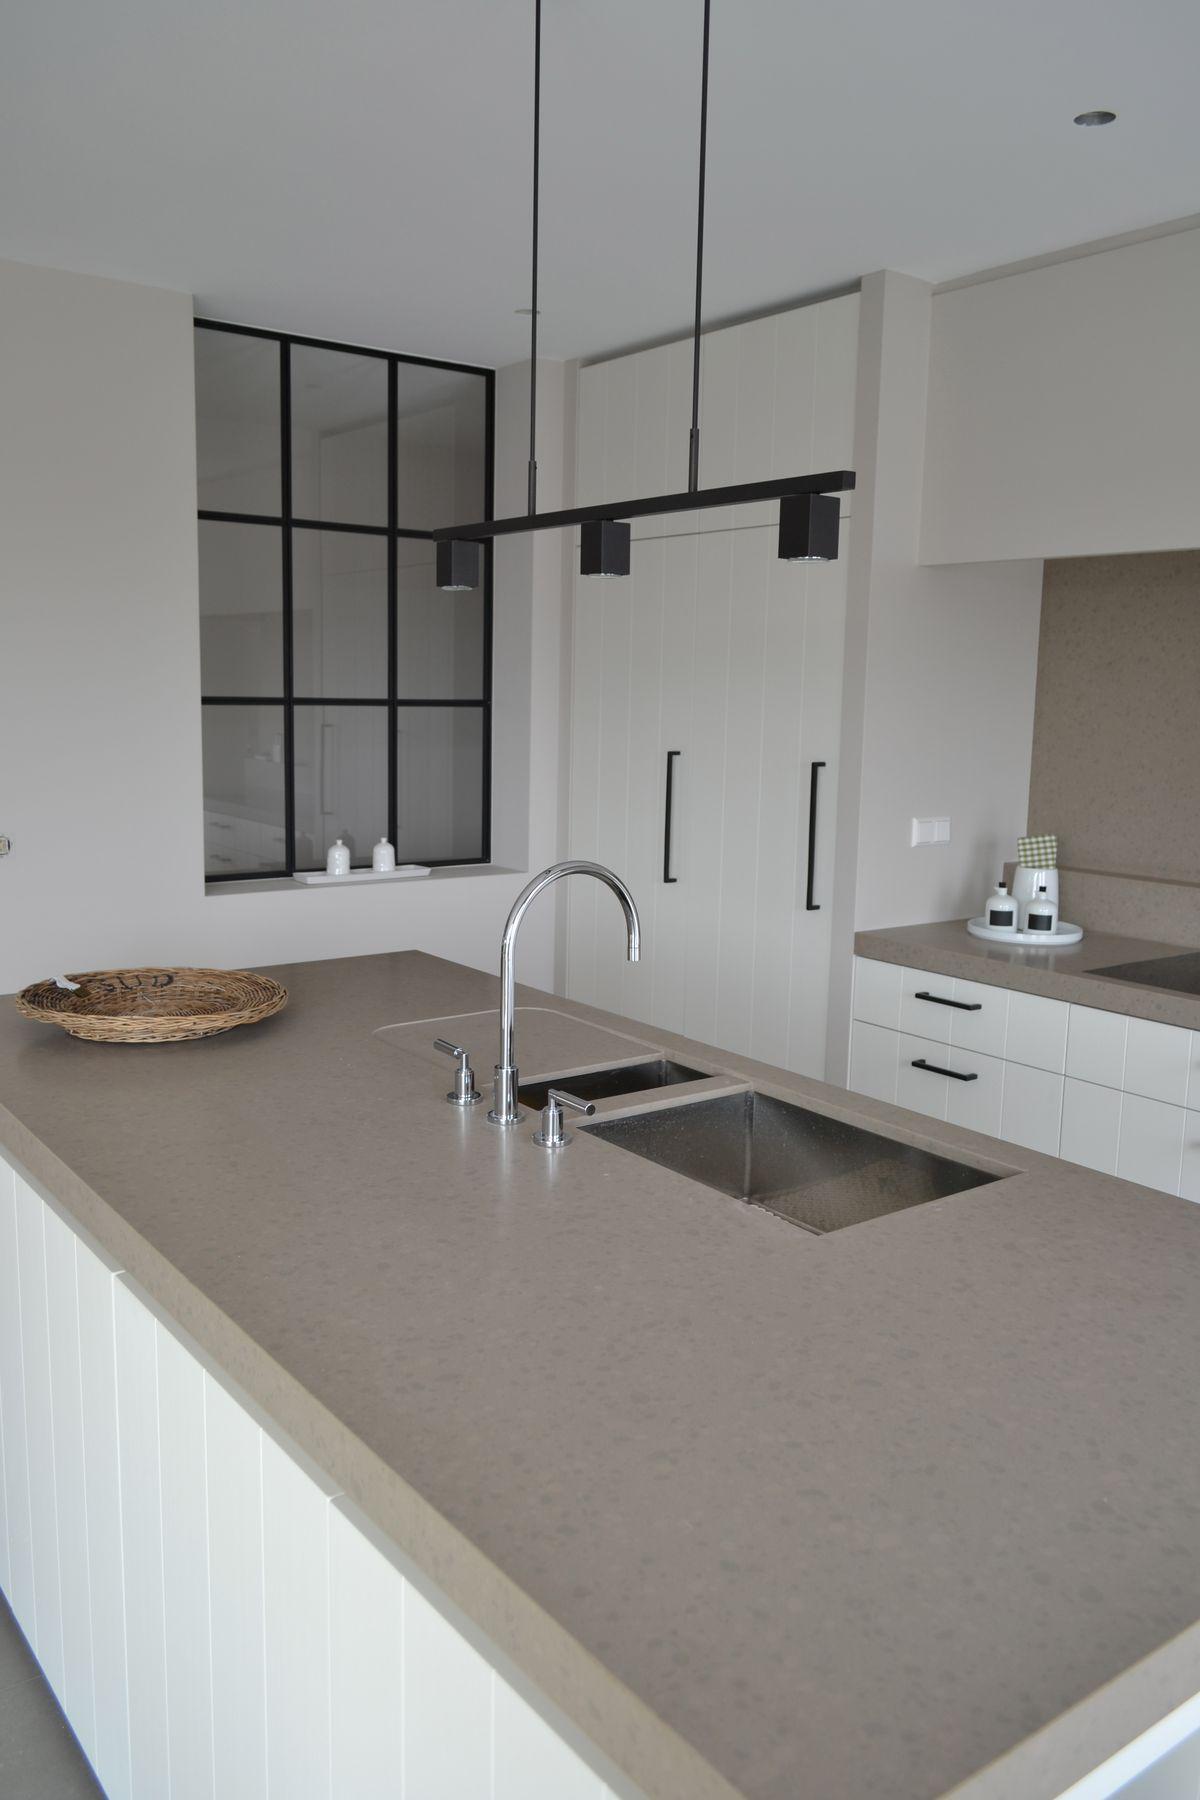 ber ideen zu betonb den auf pinterest betonb den. Black Bedroom Furniture Sets. Home Design Ideas